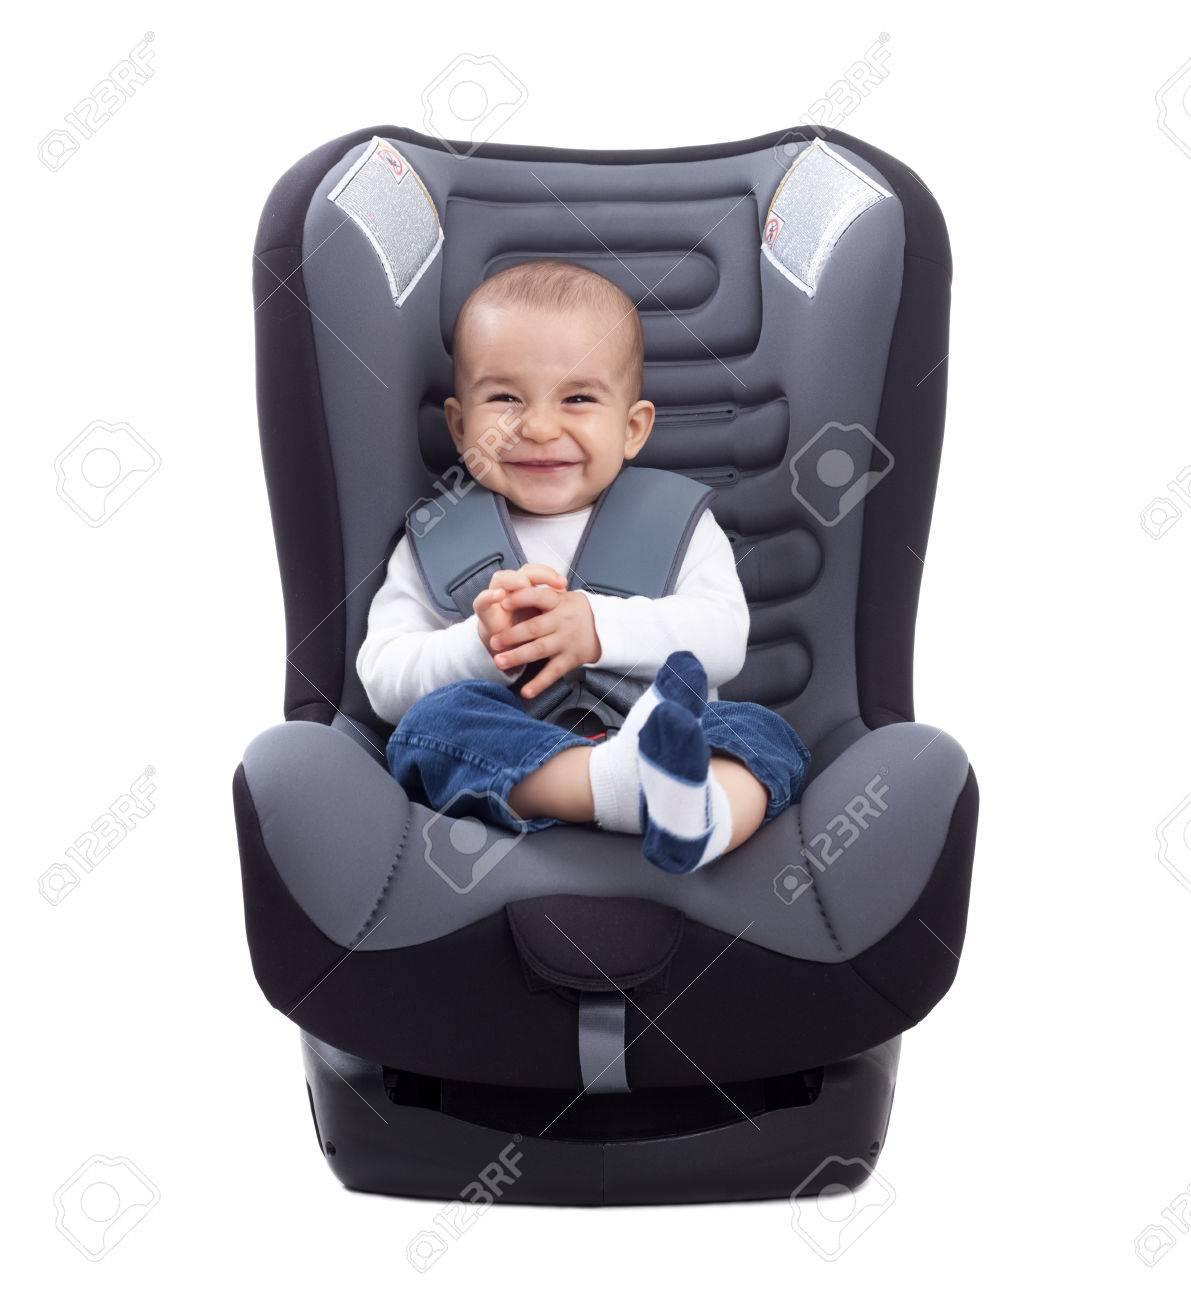 Baby Zitten Stoel.Grappige Schattige Baby Zitten In Een Auto Stoel Geisoleerd Op Wit